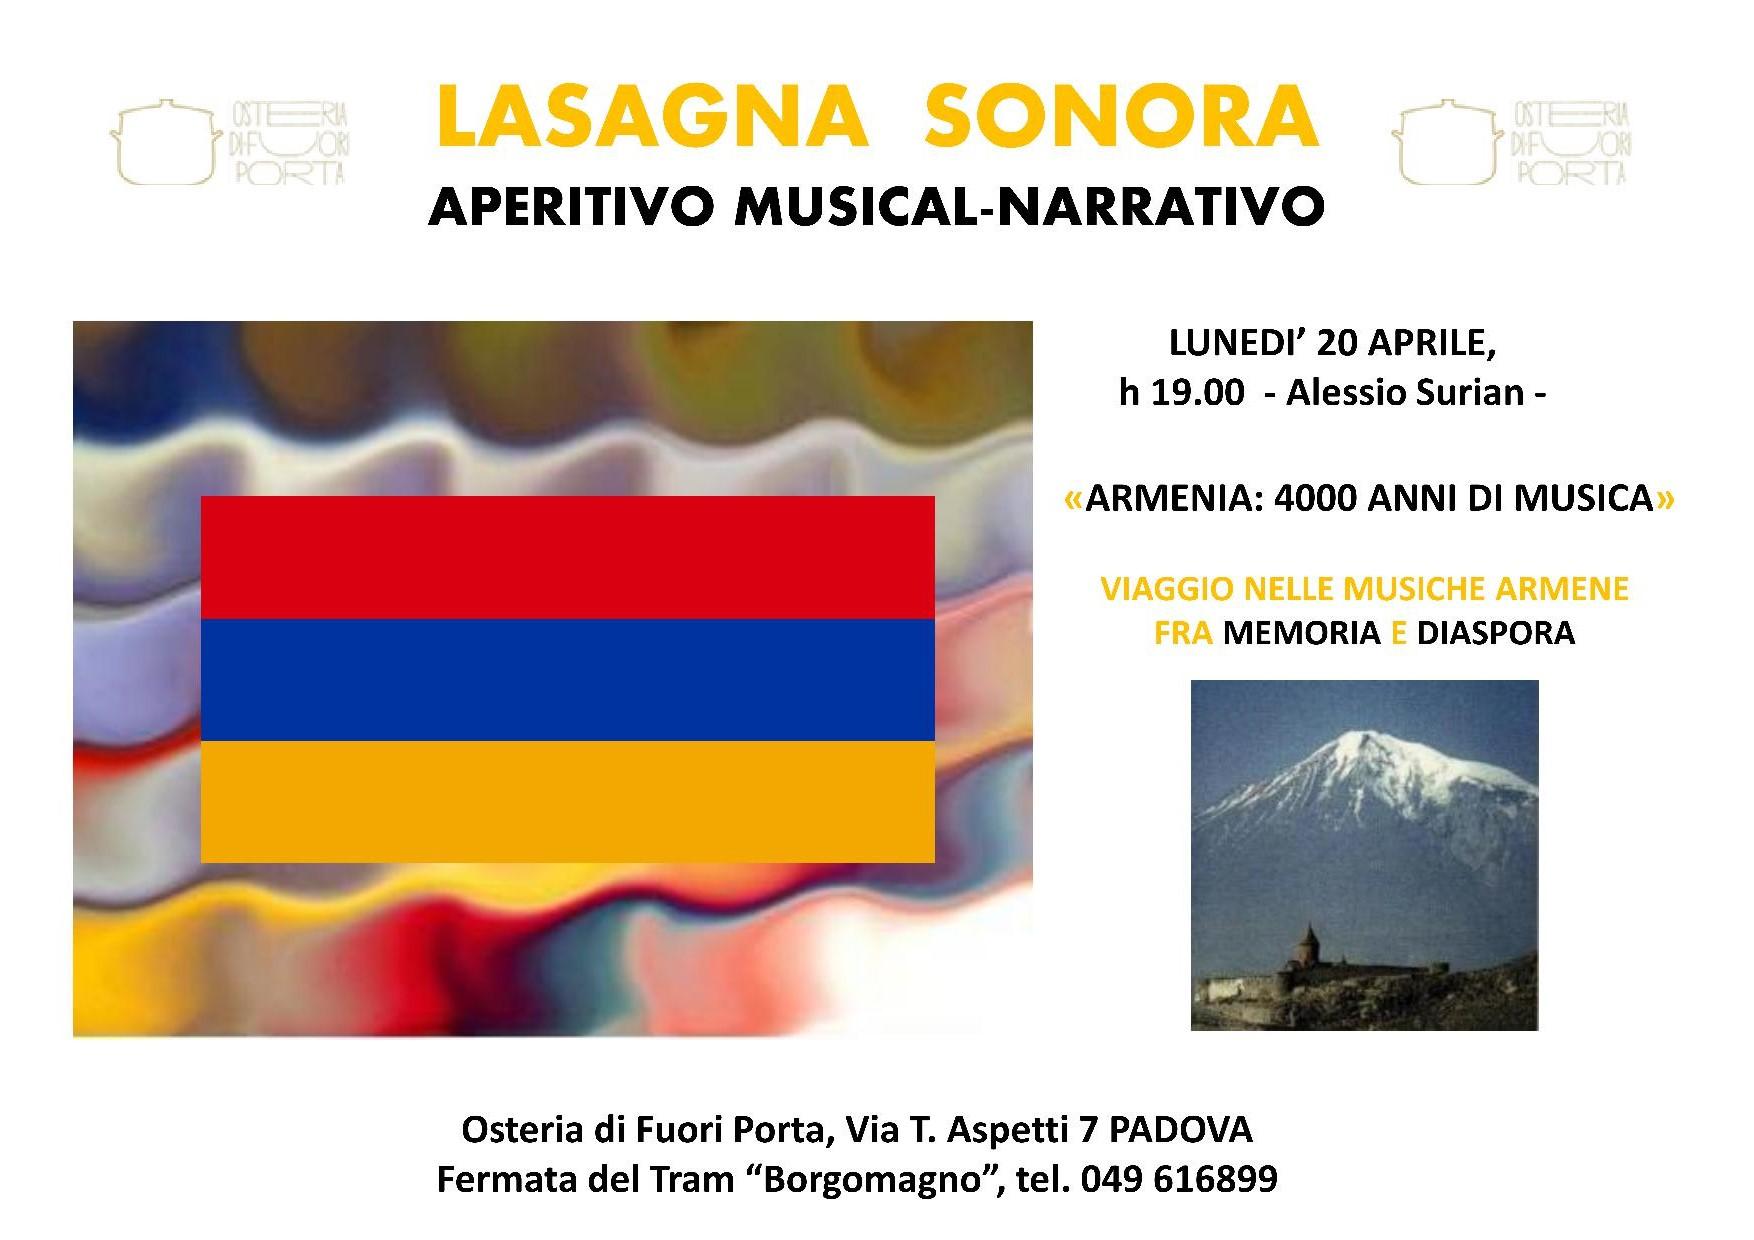 Luned 20 aprile armenia 4000 anni di musica osteria - Osteria di fuori porta padova ...